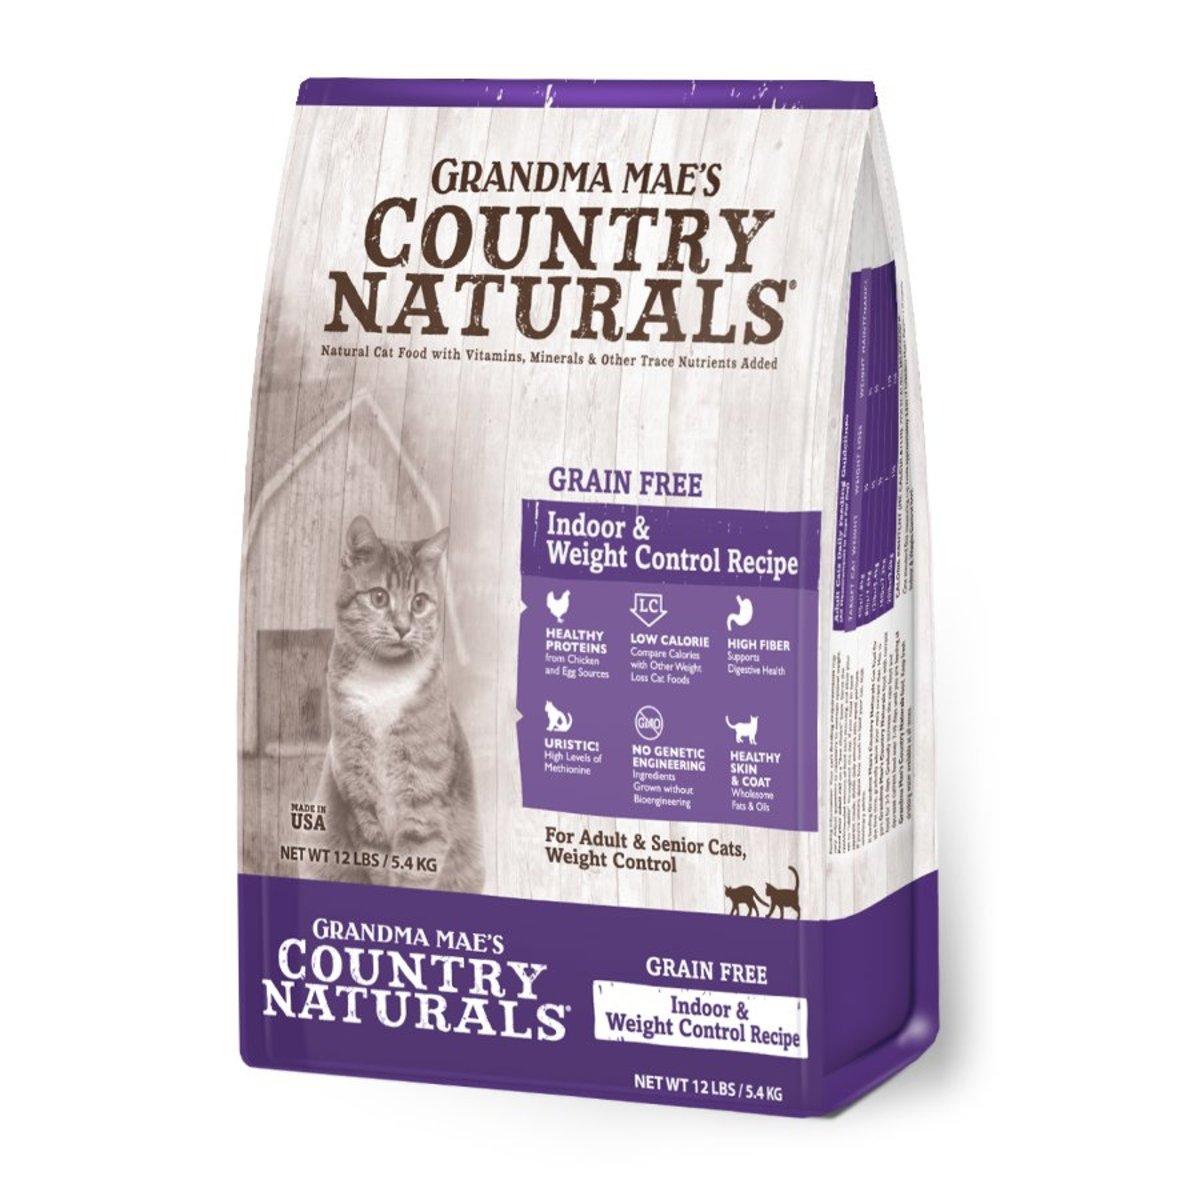 Grain free Indoor & Weight Control Dry Cat Food 12lb